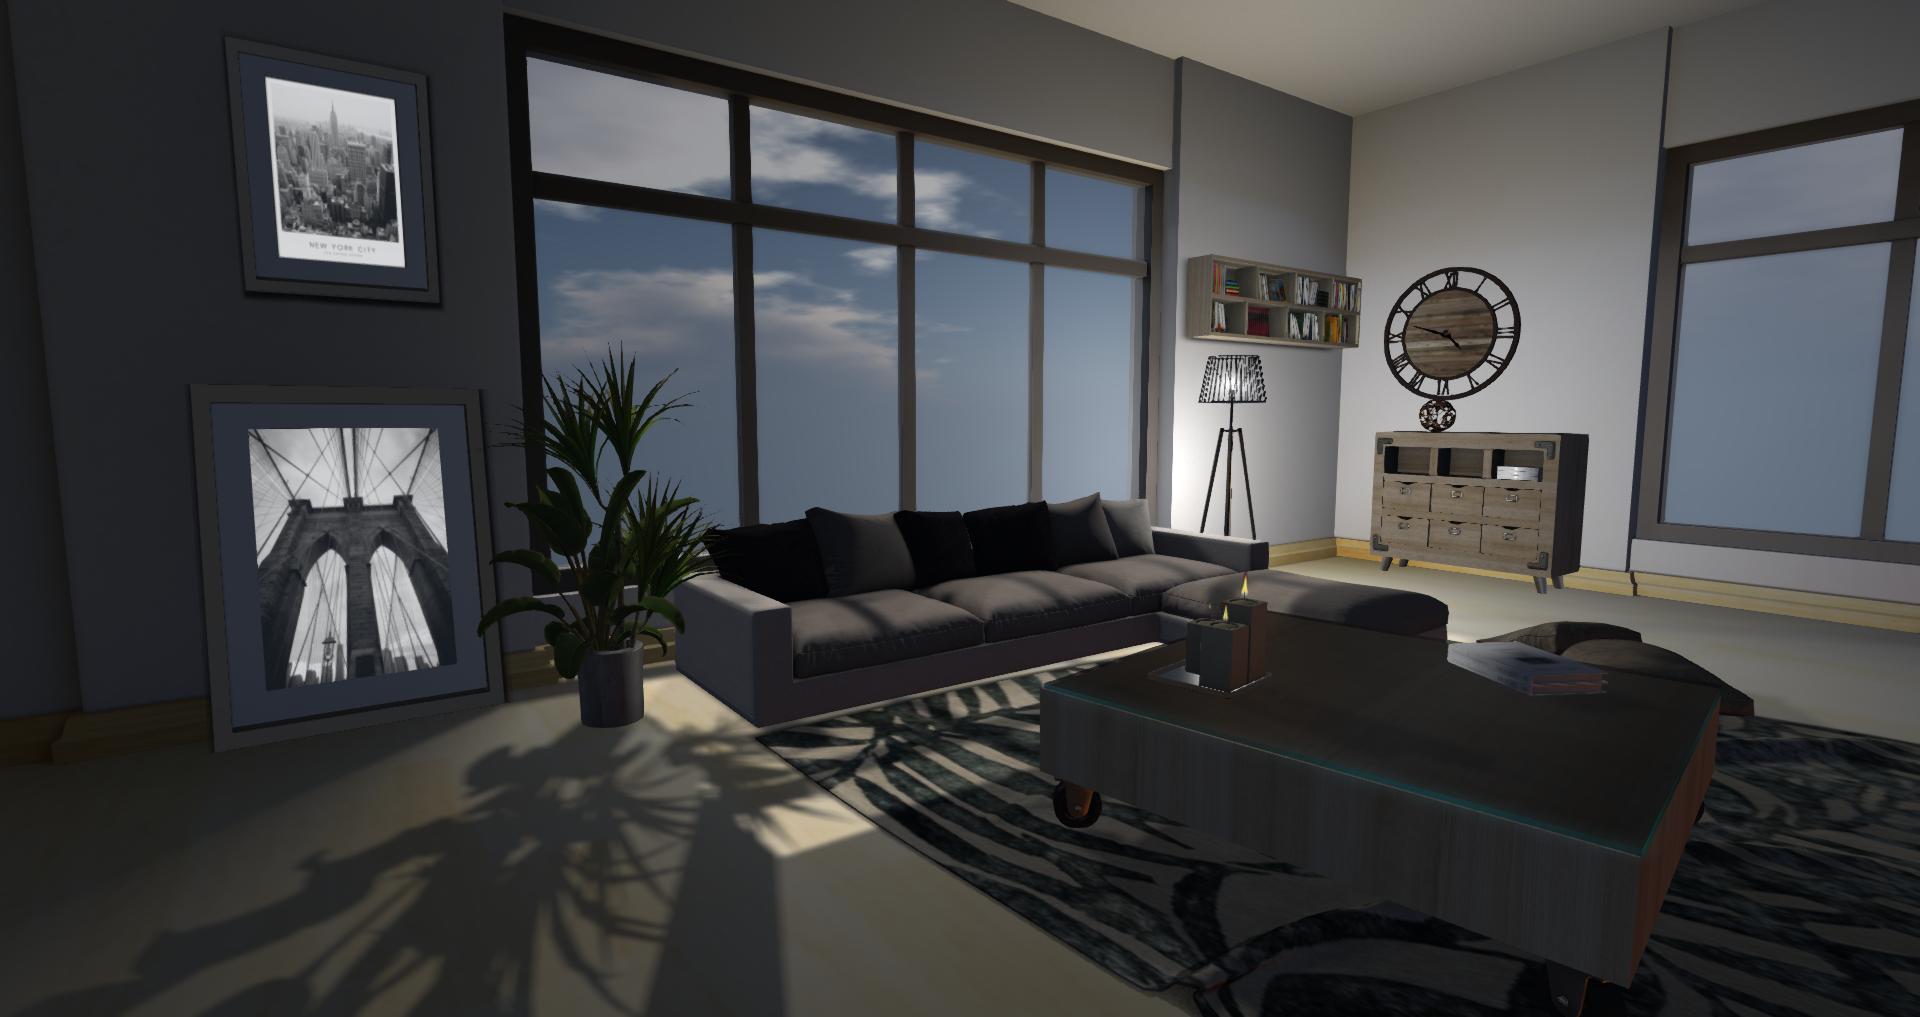 New York Living Room 5